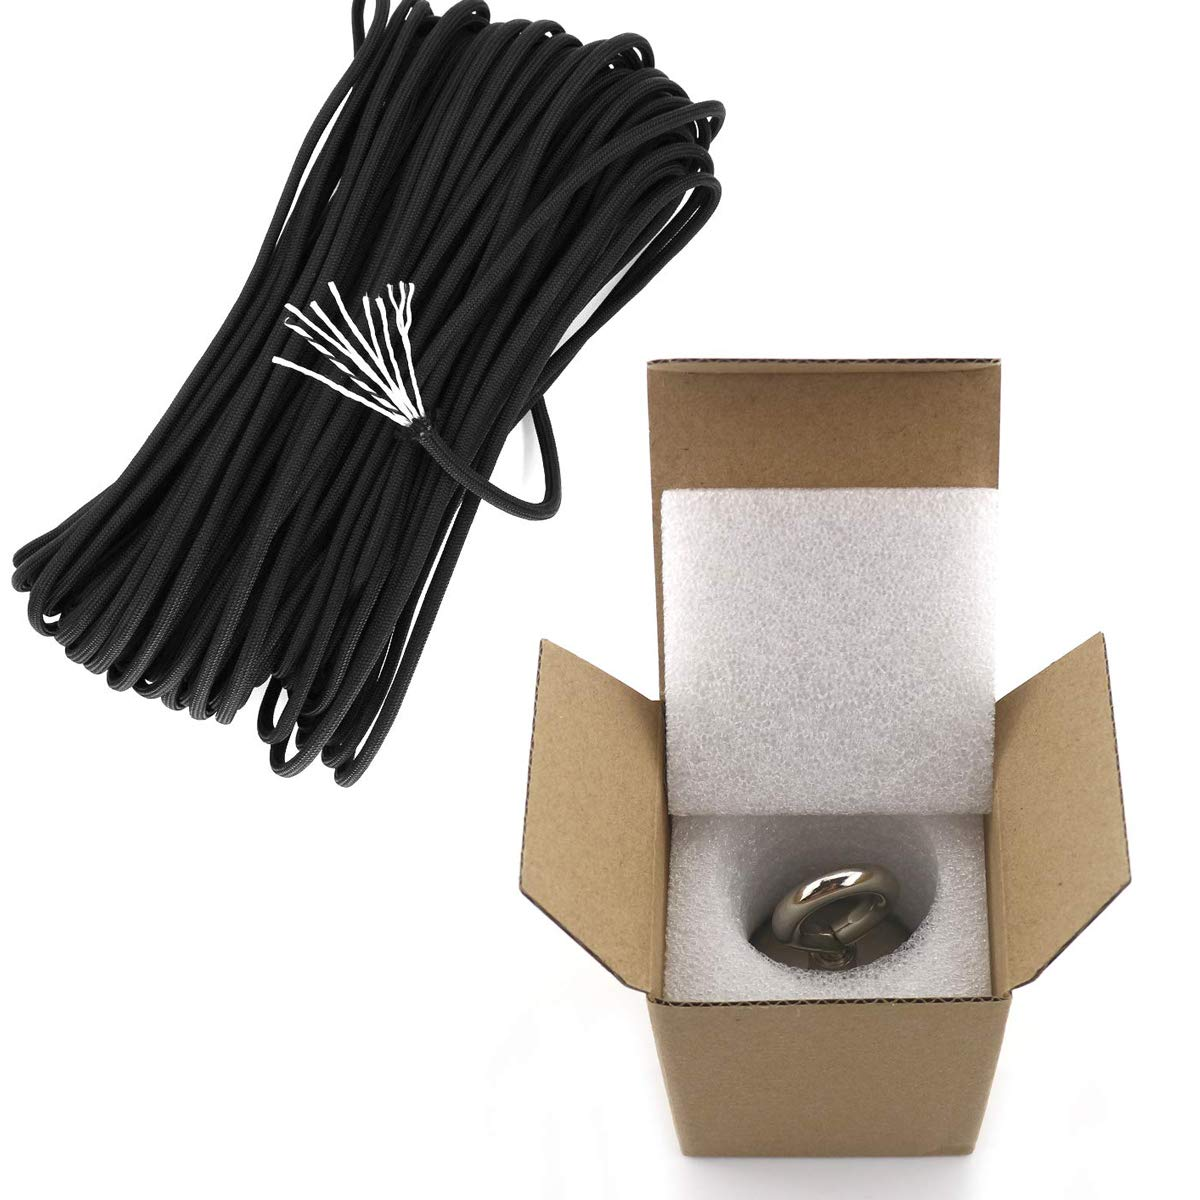 starke Fishing Magnet mit Splintbolzen f/ür Magnet Angeln und Retten tootaci rund Super Starke Neodym-Magnet /75/mm Durchmesser Vertikale Tension 180/kg mit Seil in River/